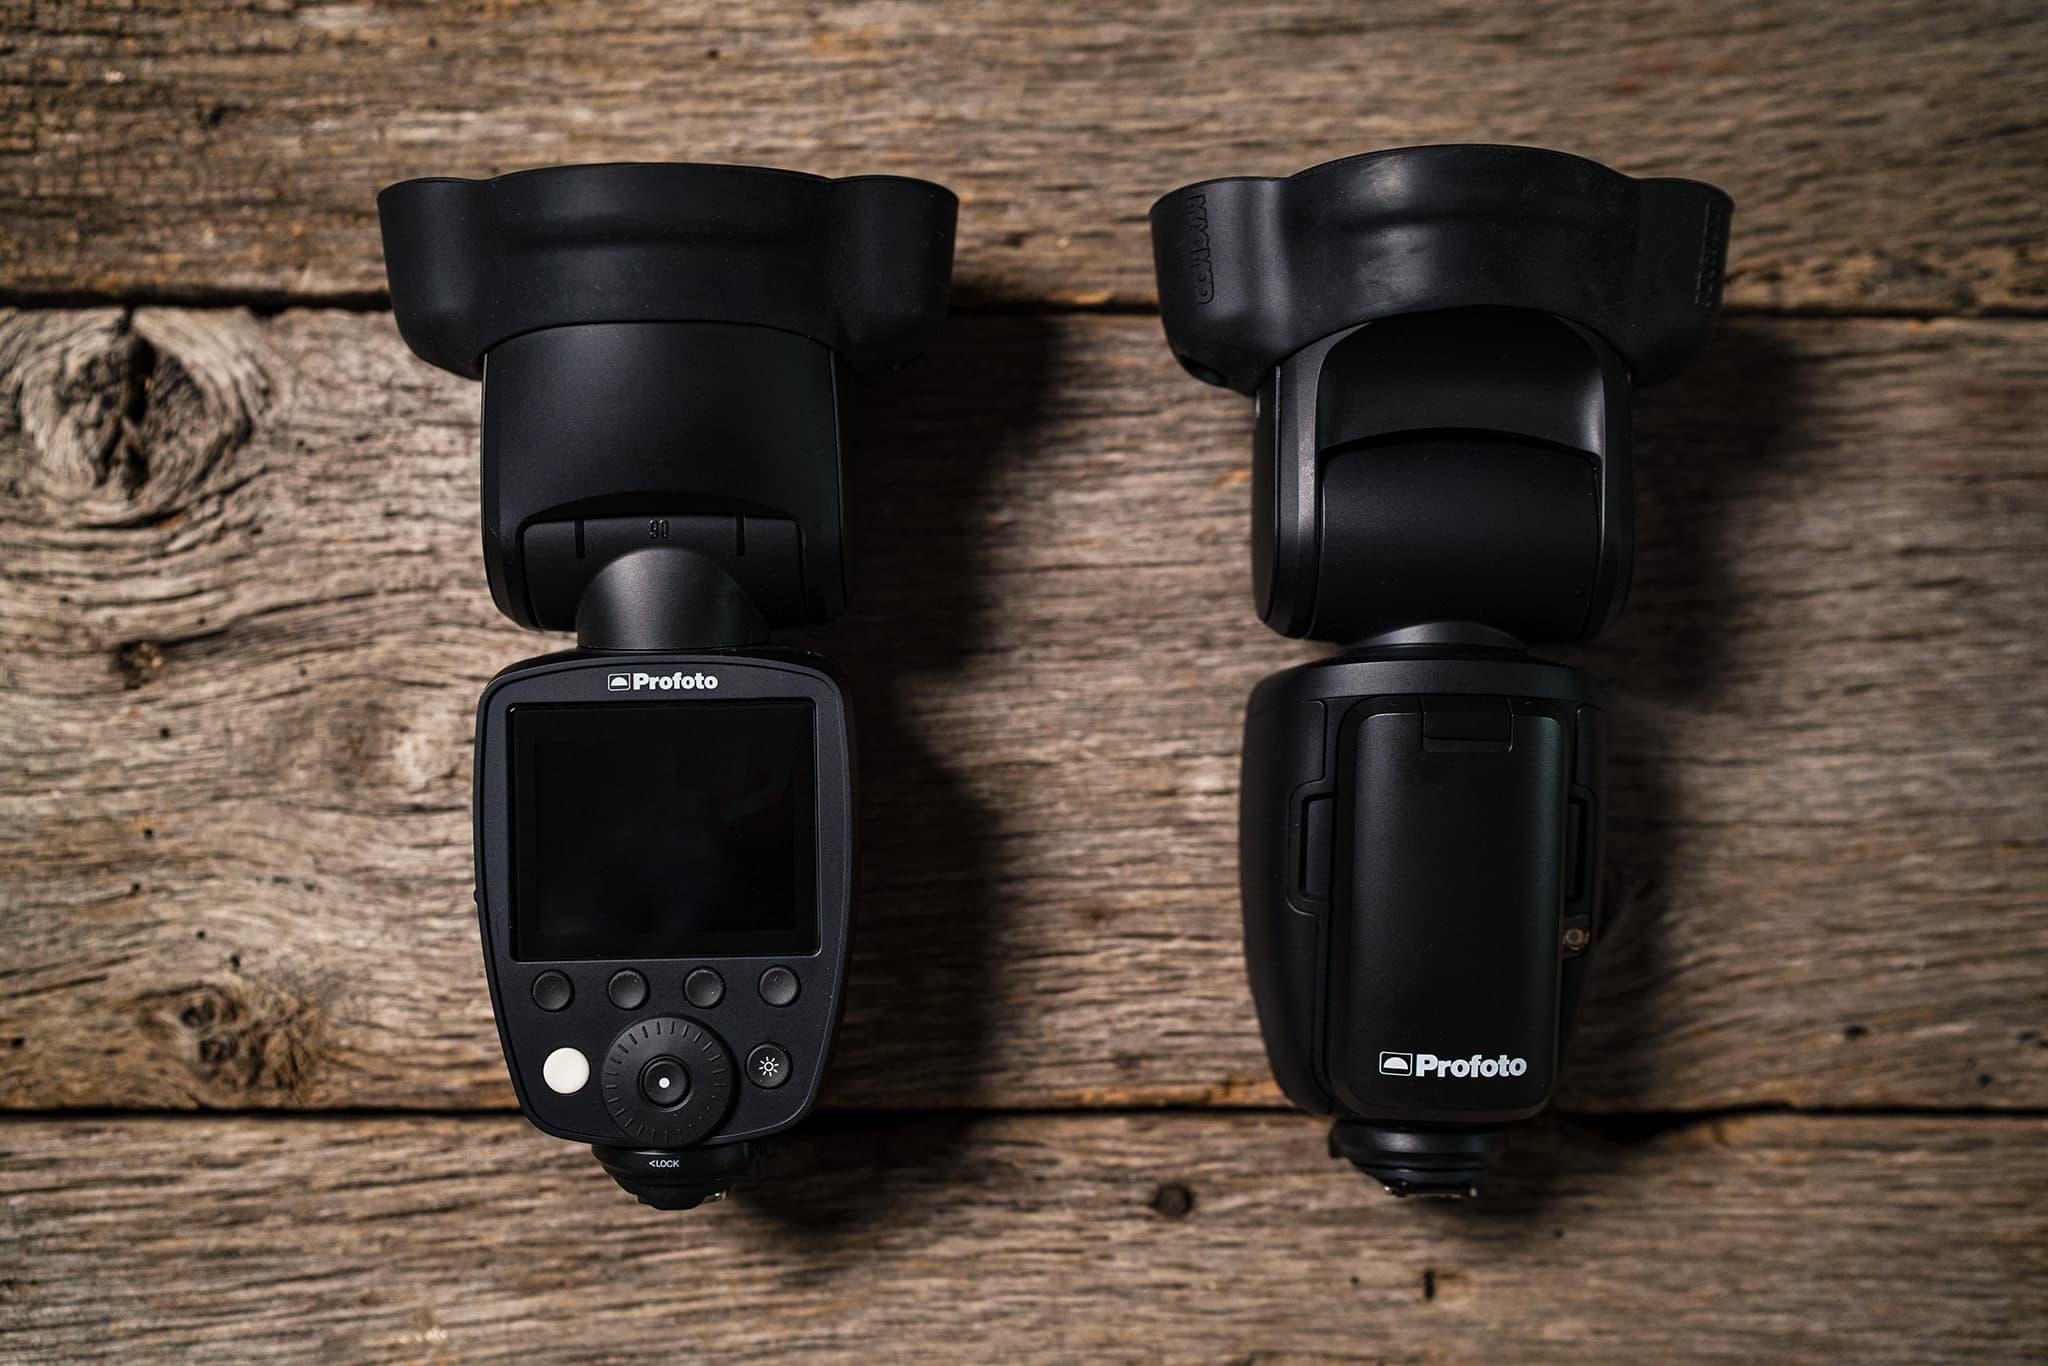 Profotos with Sony Cameras